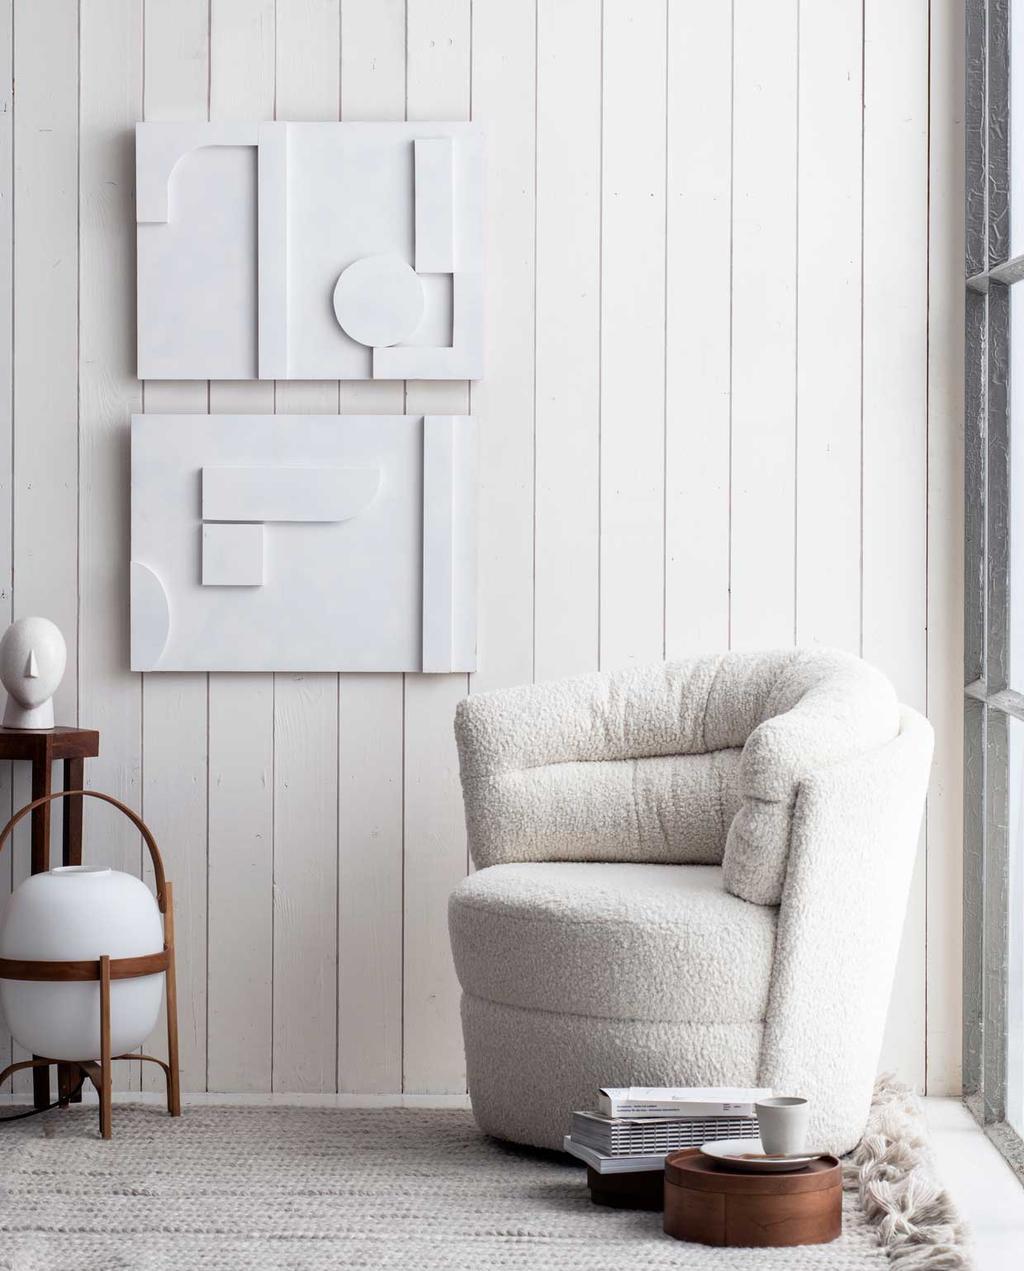 vtwonen 07-2020 | DIY muurkunst aan de muur met witte stoel